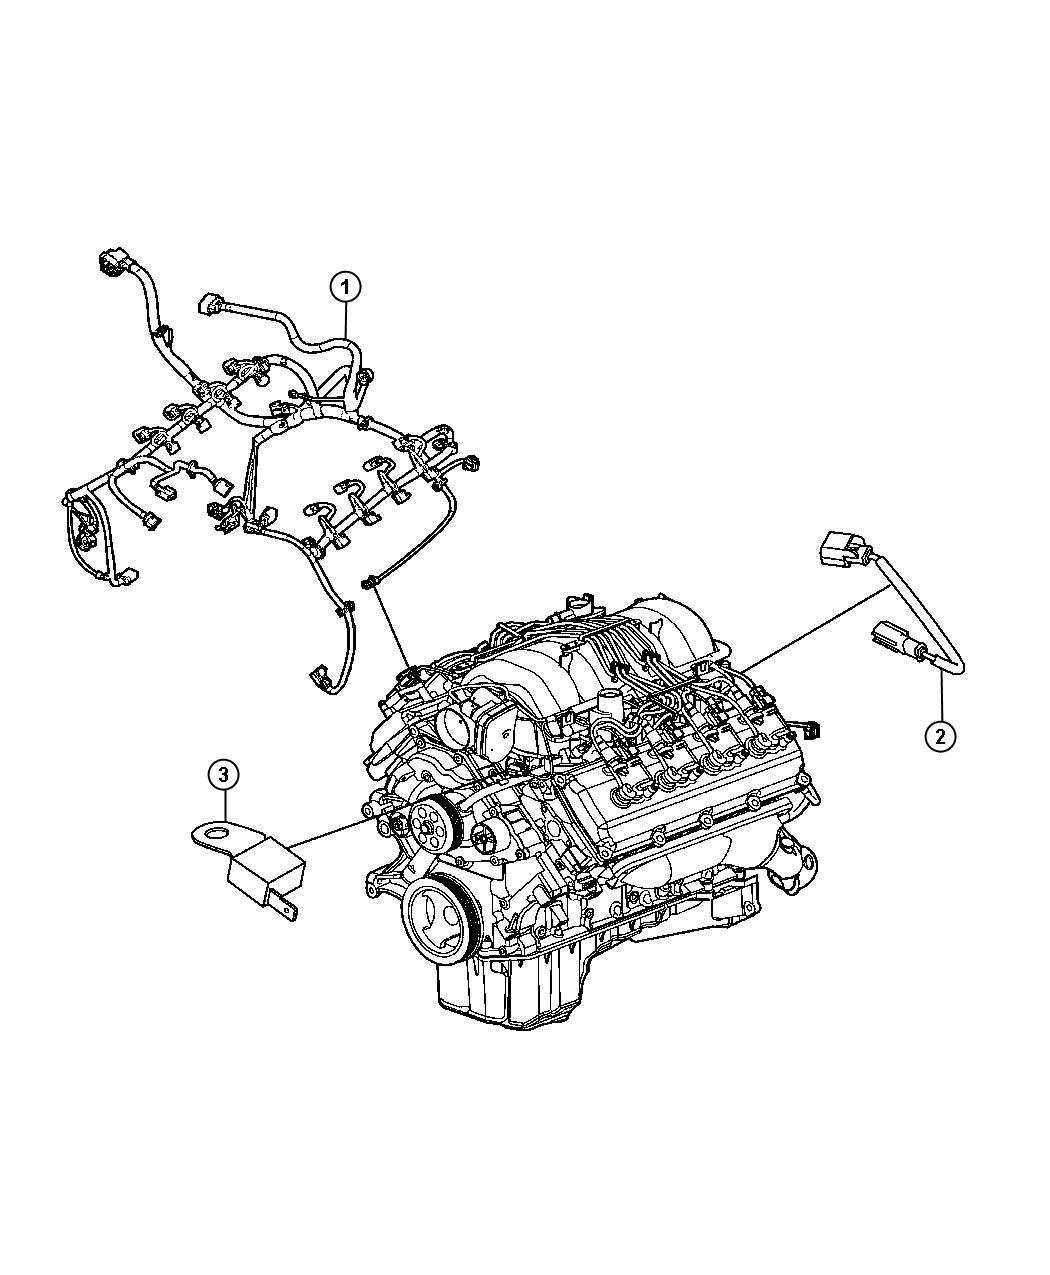 Dodge Charger Wiring Engine 160 Amp Alternator Or